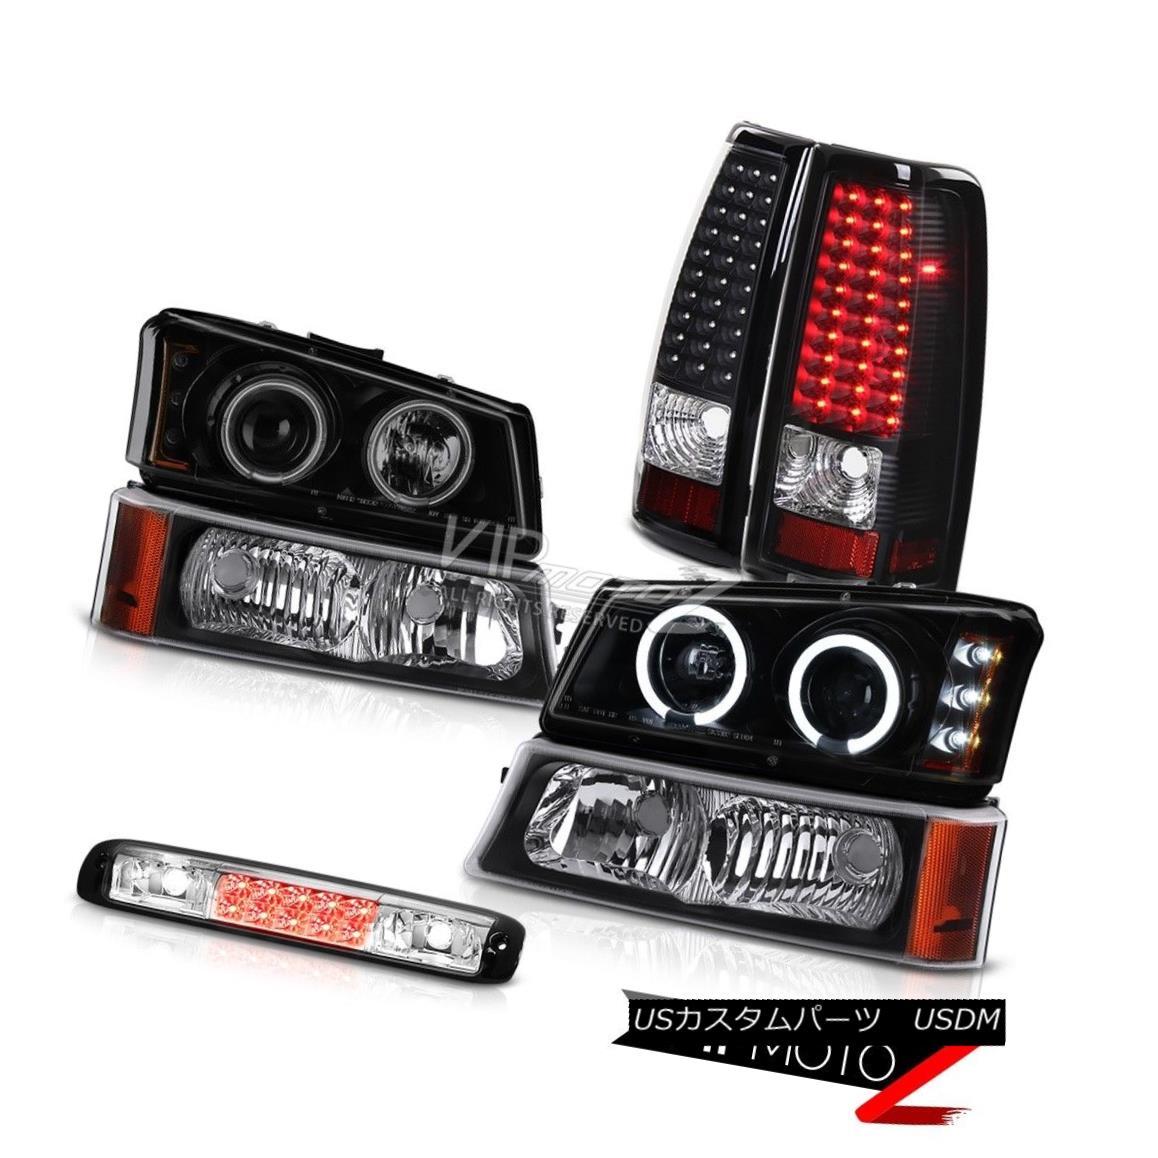 ヘッドライト 03-06 Silverado Parking Light Roof Brake Sinister Black Headlamps Tail Lights 03-06シルバラード駐車場ライトルーフブレーキシニスターブラックヘッドランプテールライト